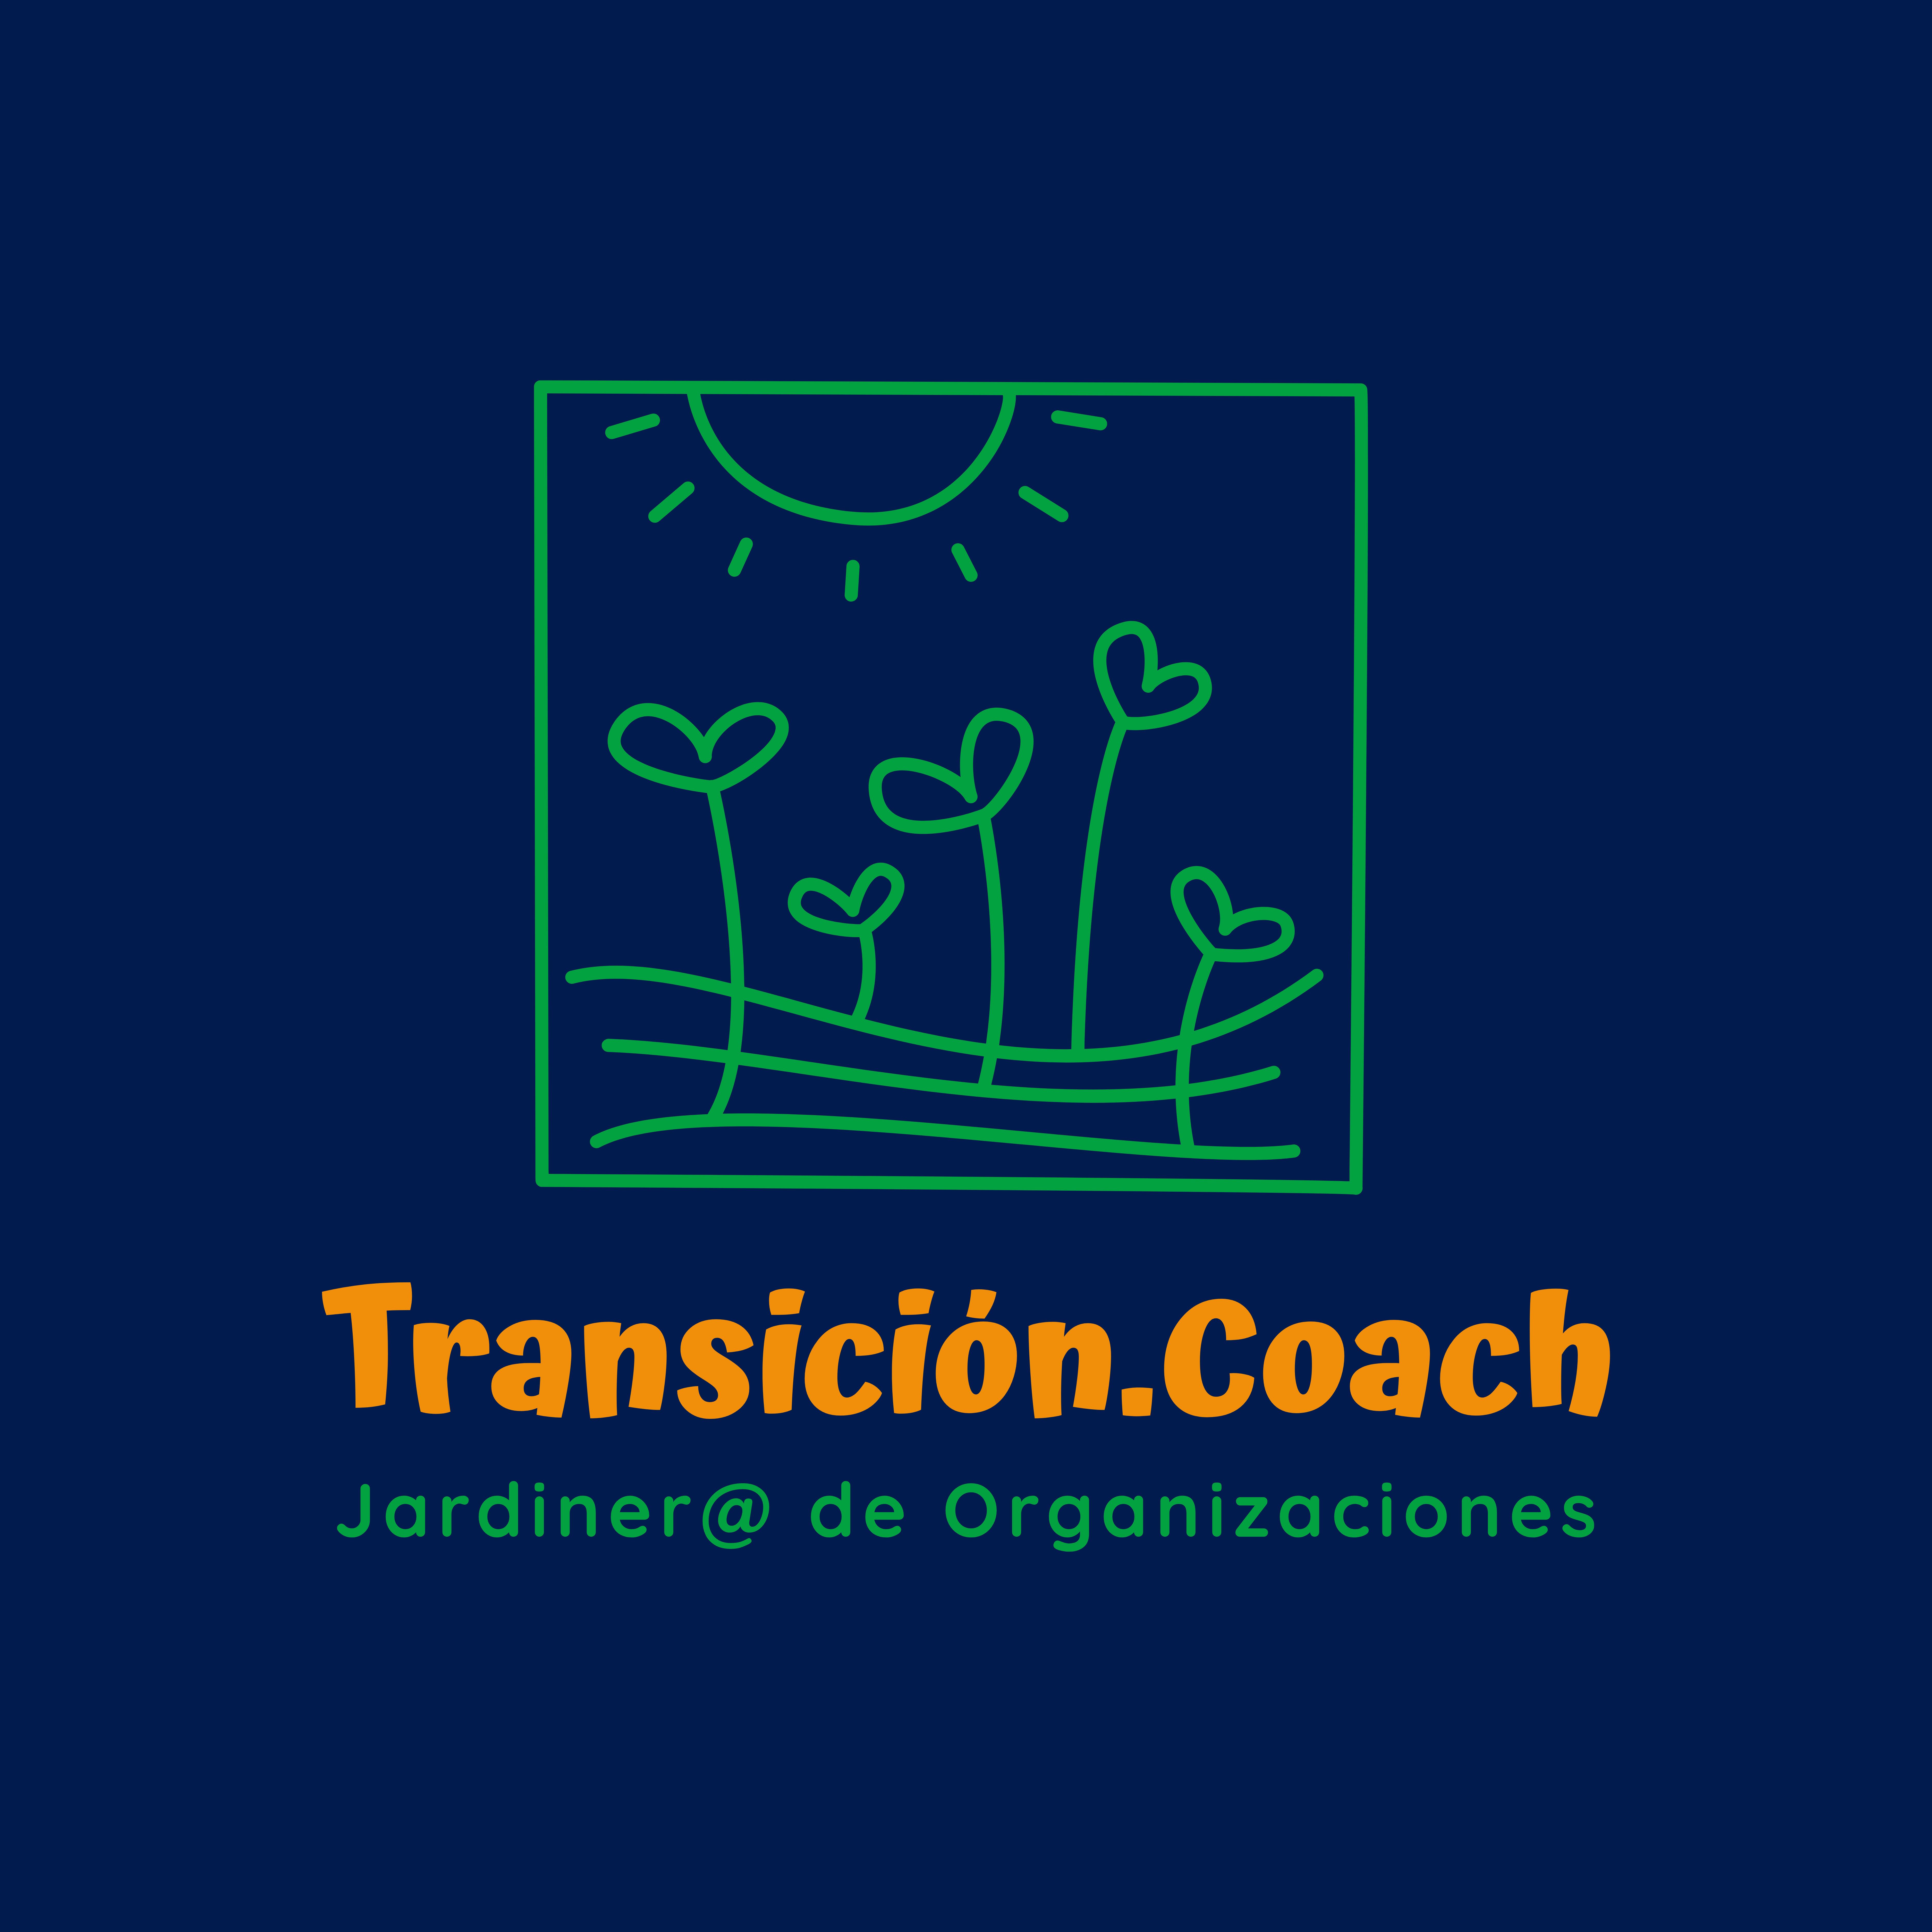 Transición.Coach logo